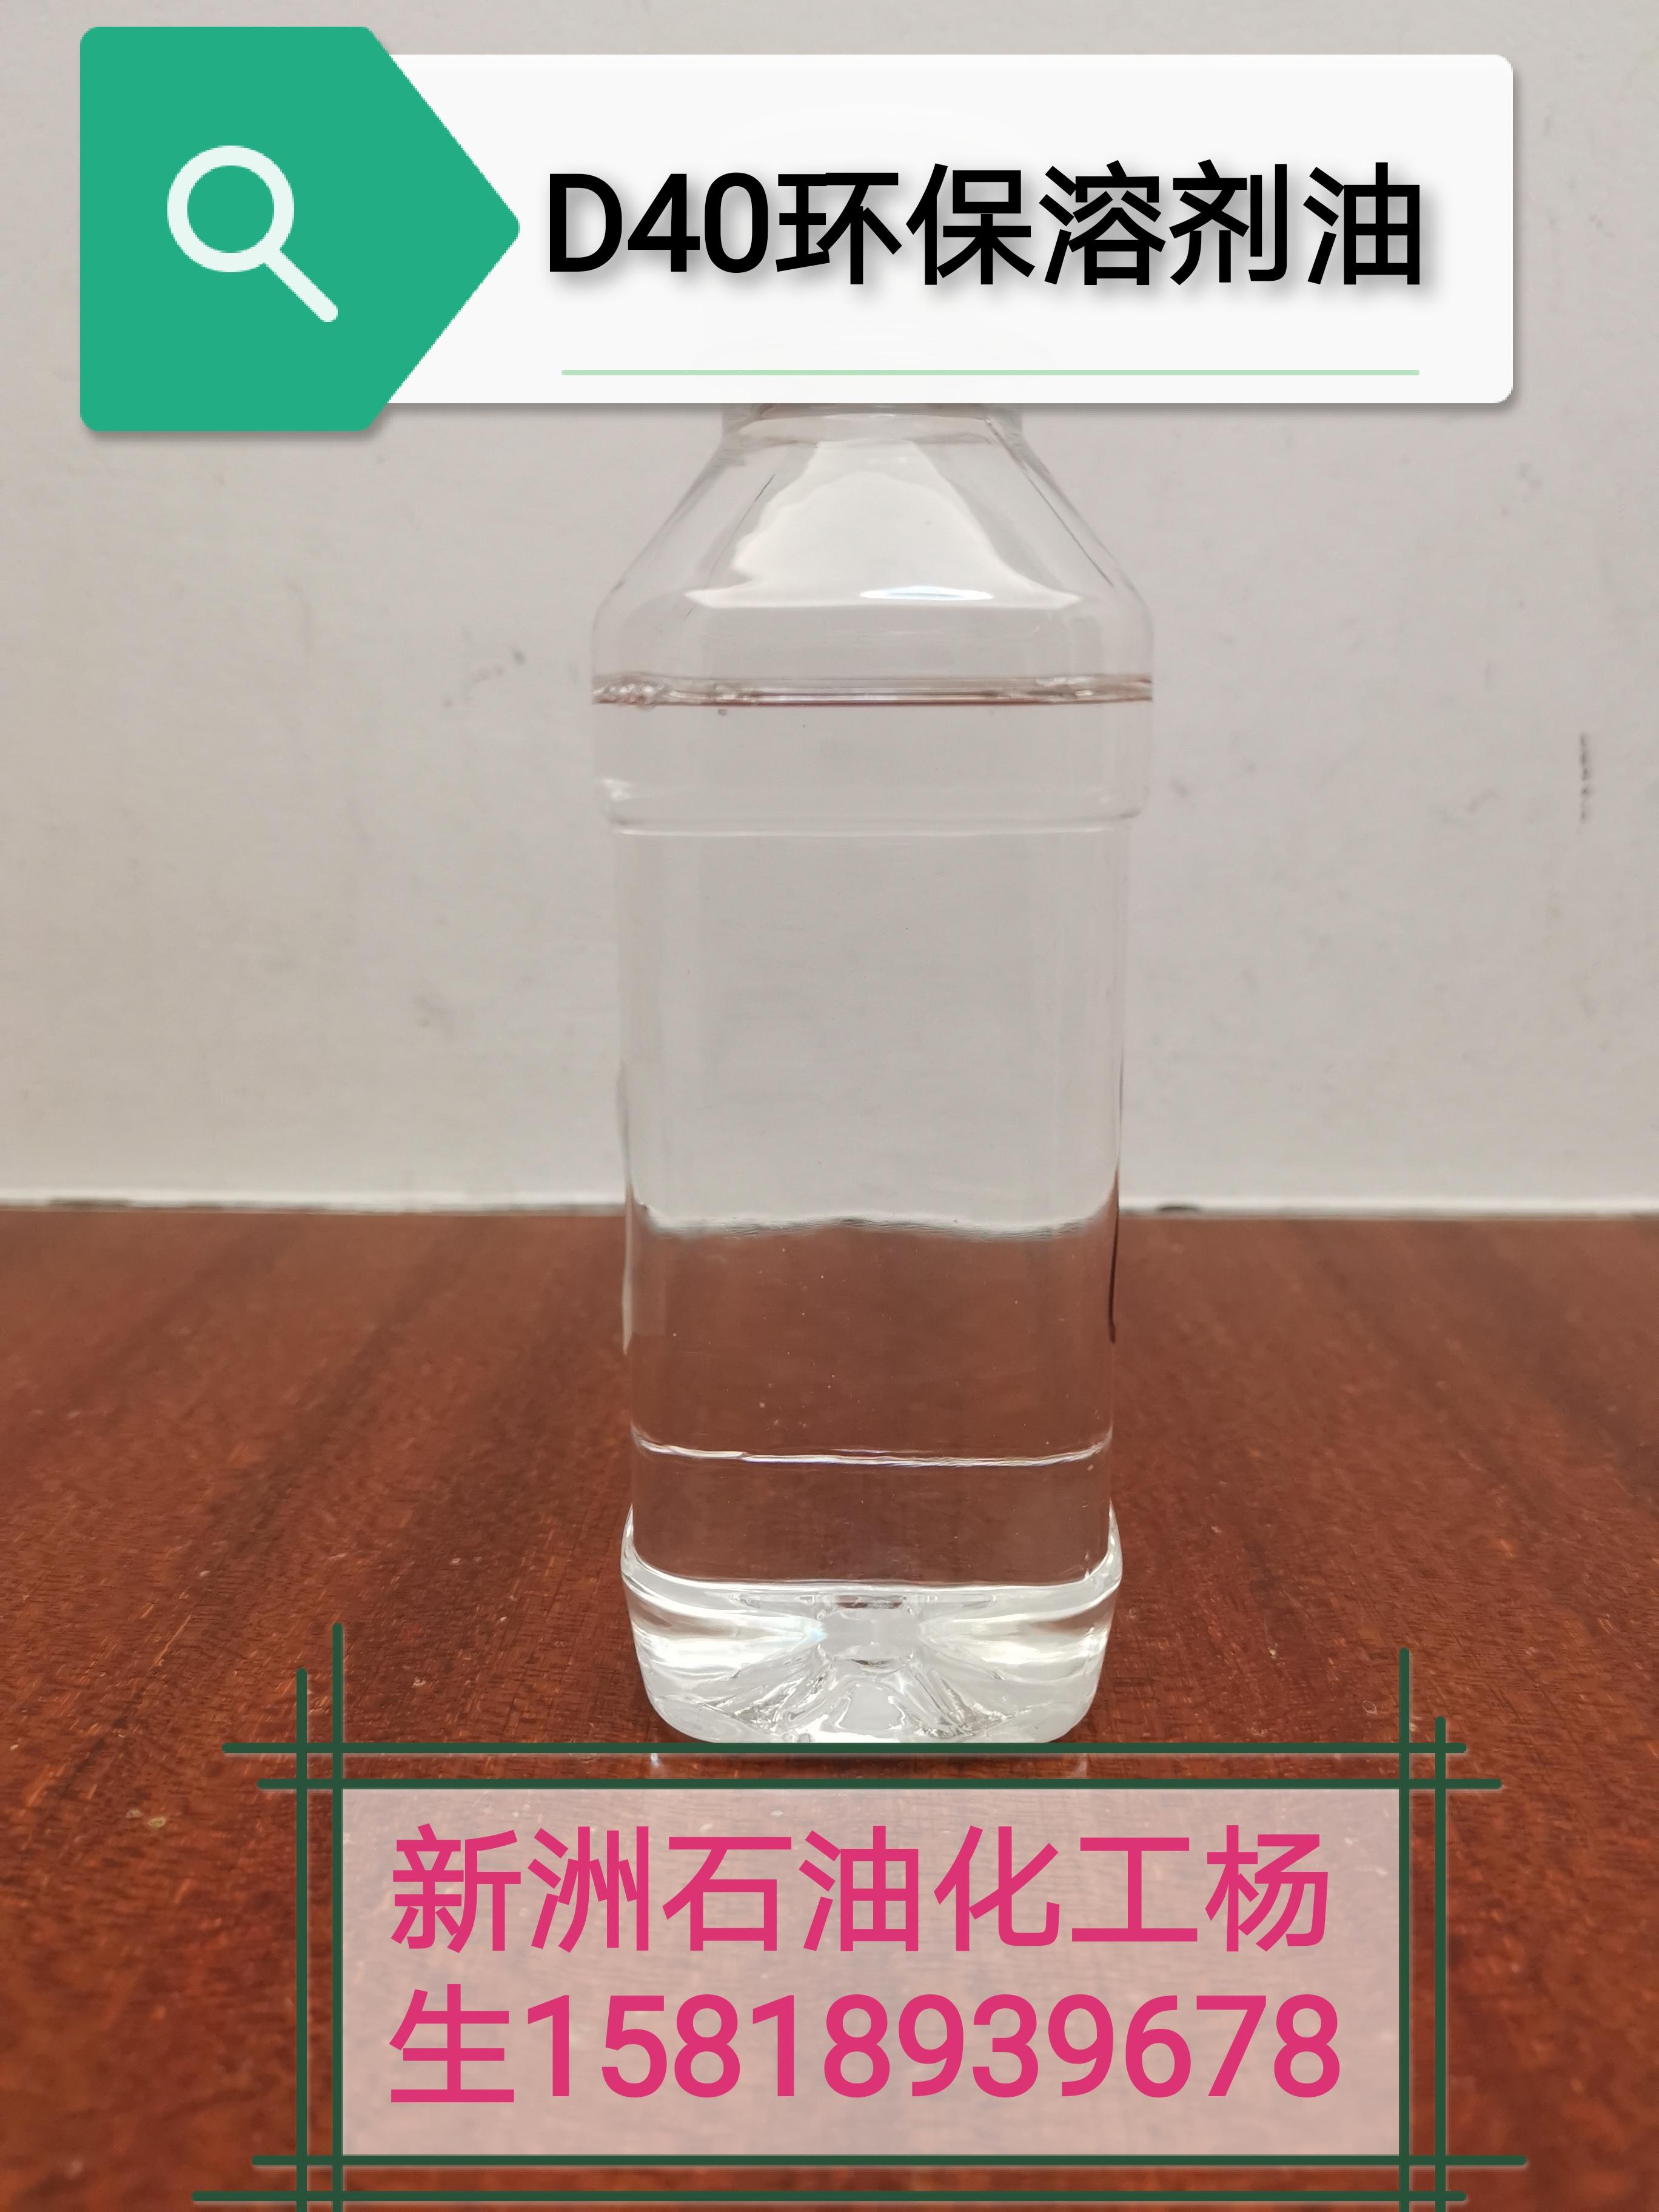 D40环保型溶剂油 D40环保型溶剂油报价 D40环保型溶剂油批发  D40环保型溶剂油厂家  环保型溶剂油